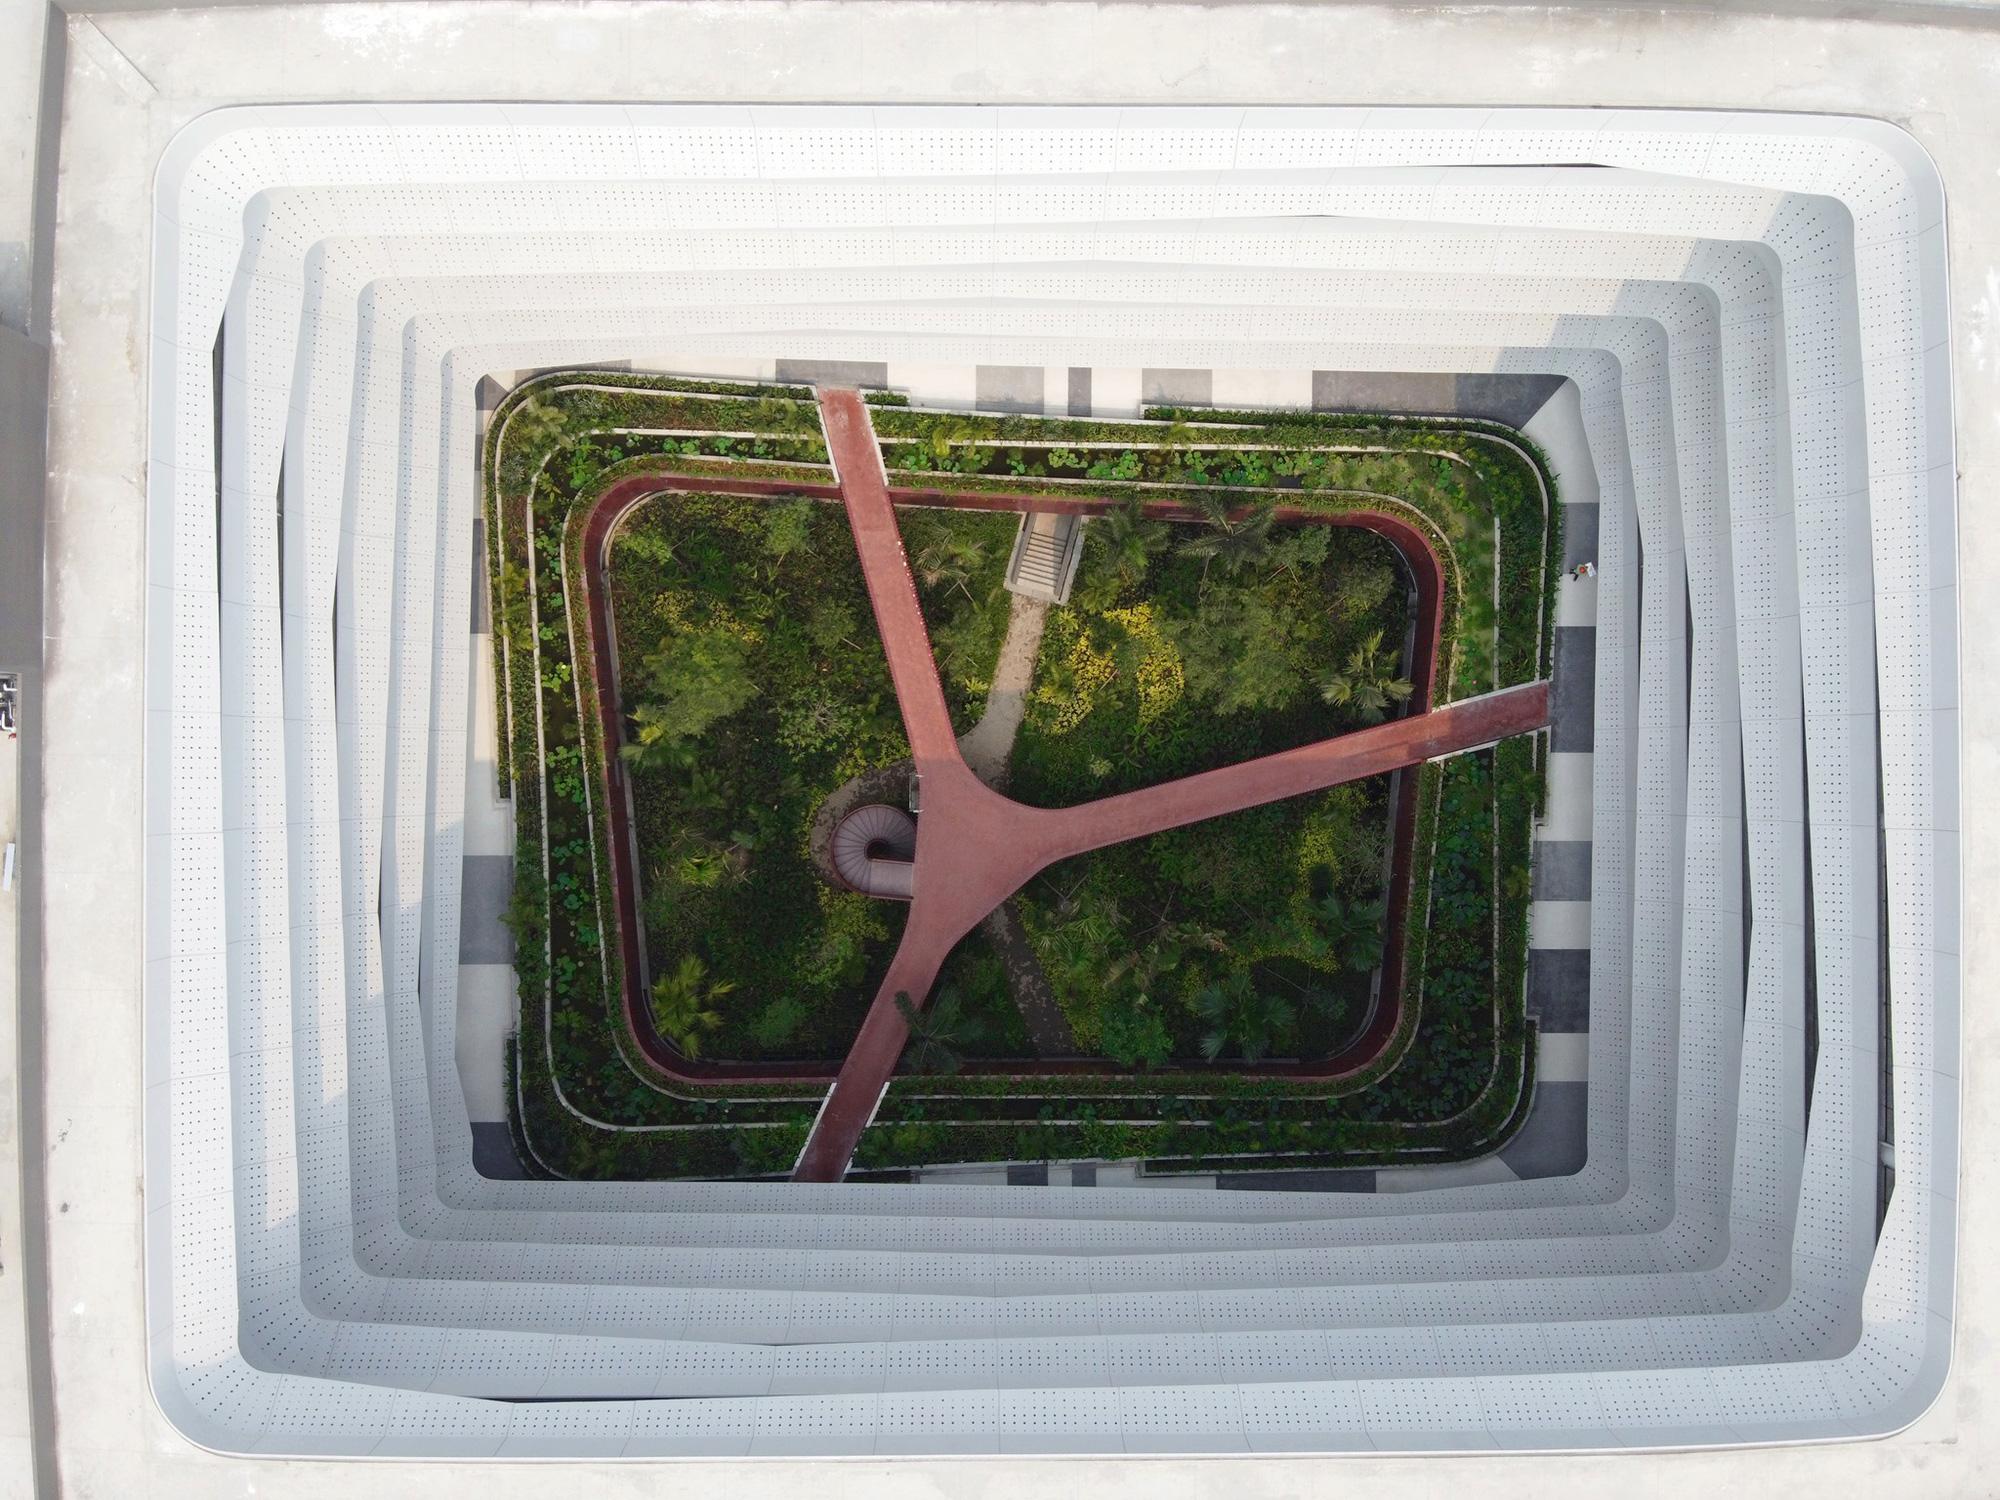 Trụ sở công ty công nghệ Việt lọt top công trình kiến trúc tiêu biểu - Ảnh 1.